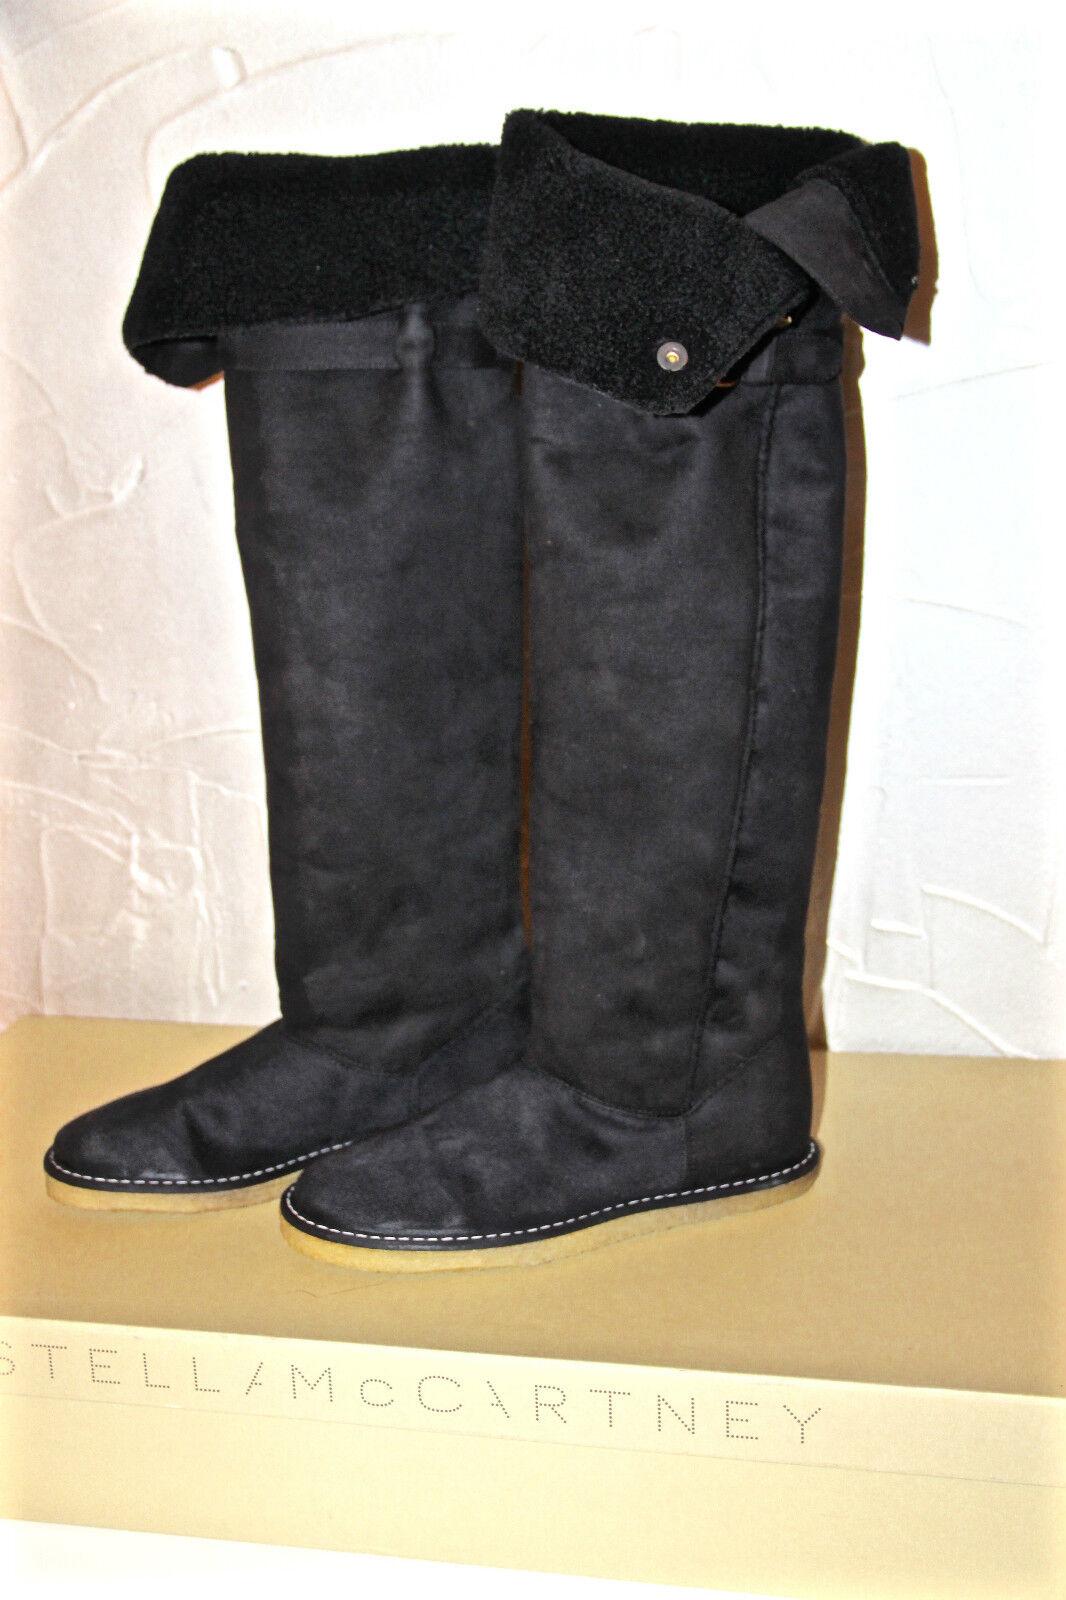 Stiefel Stiefel Alcantara Schwarz Stella Mc Cartney Kickapoo Größe 40 Neue Wert